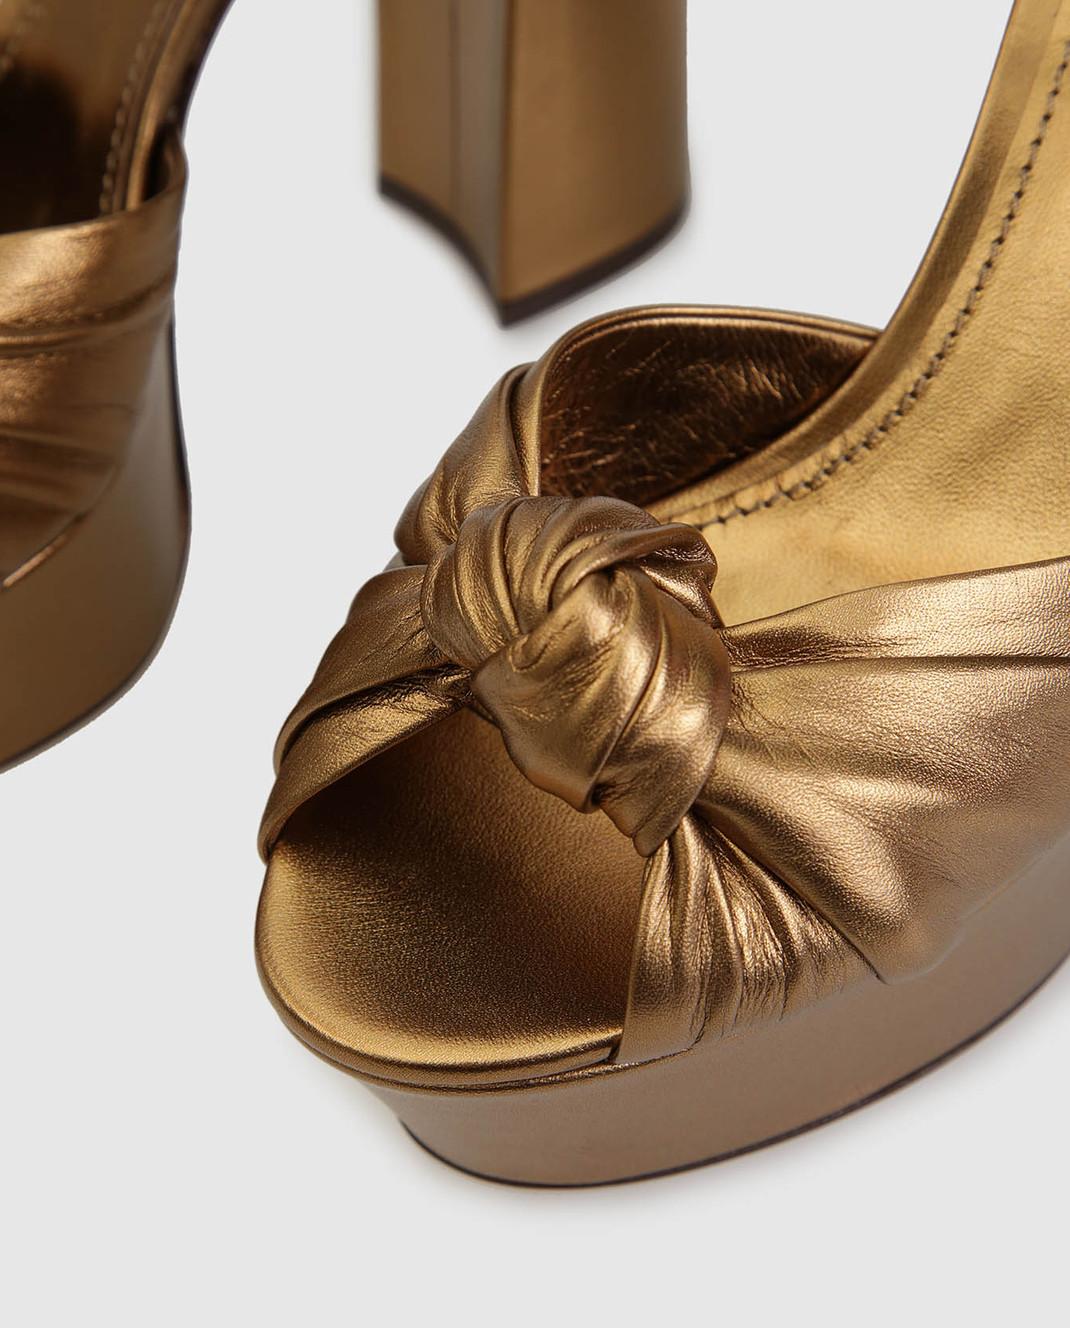 Dolce&Gabbana Золотистые кожаные босоножки CR0695A1016 изображение 5